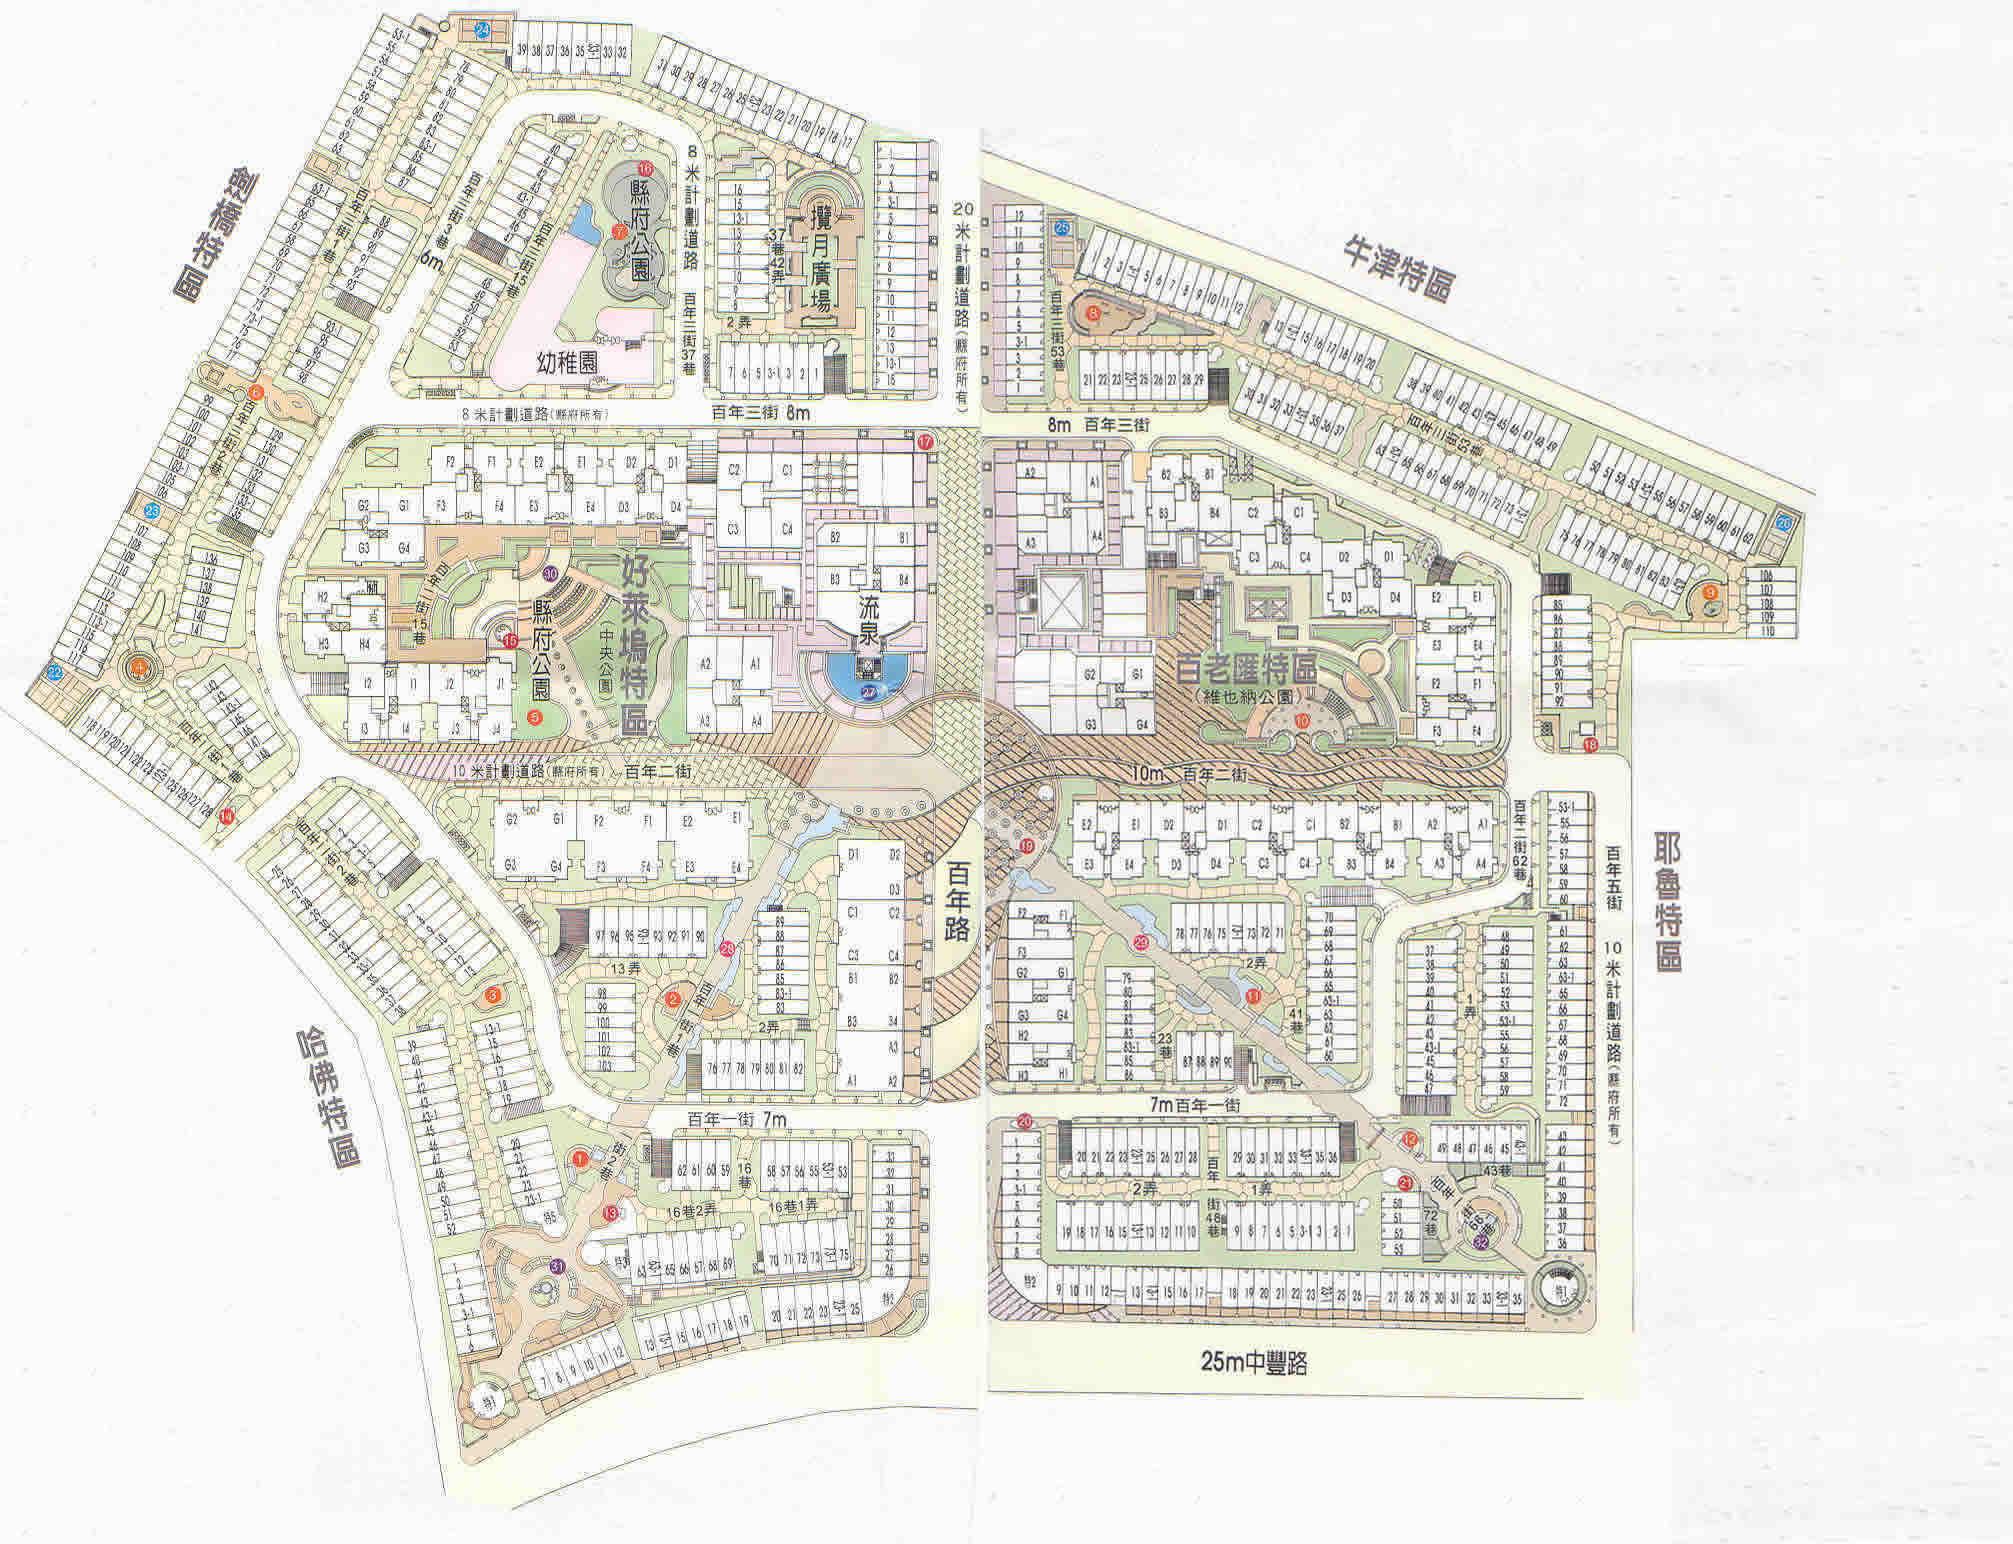 百年大鎮社區平面圖